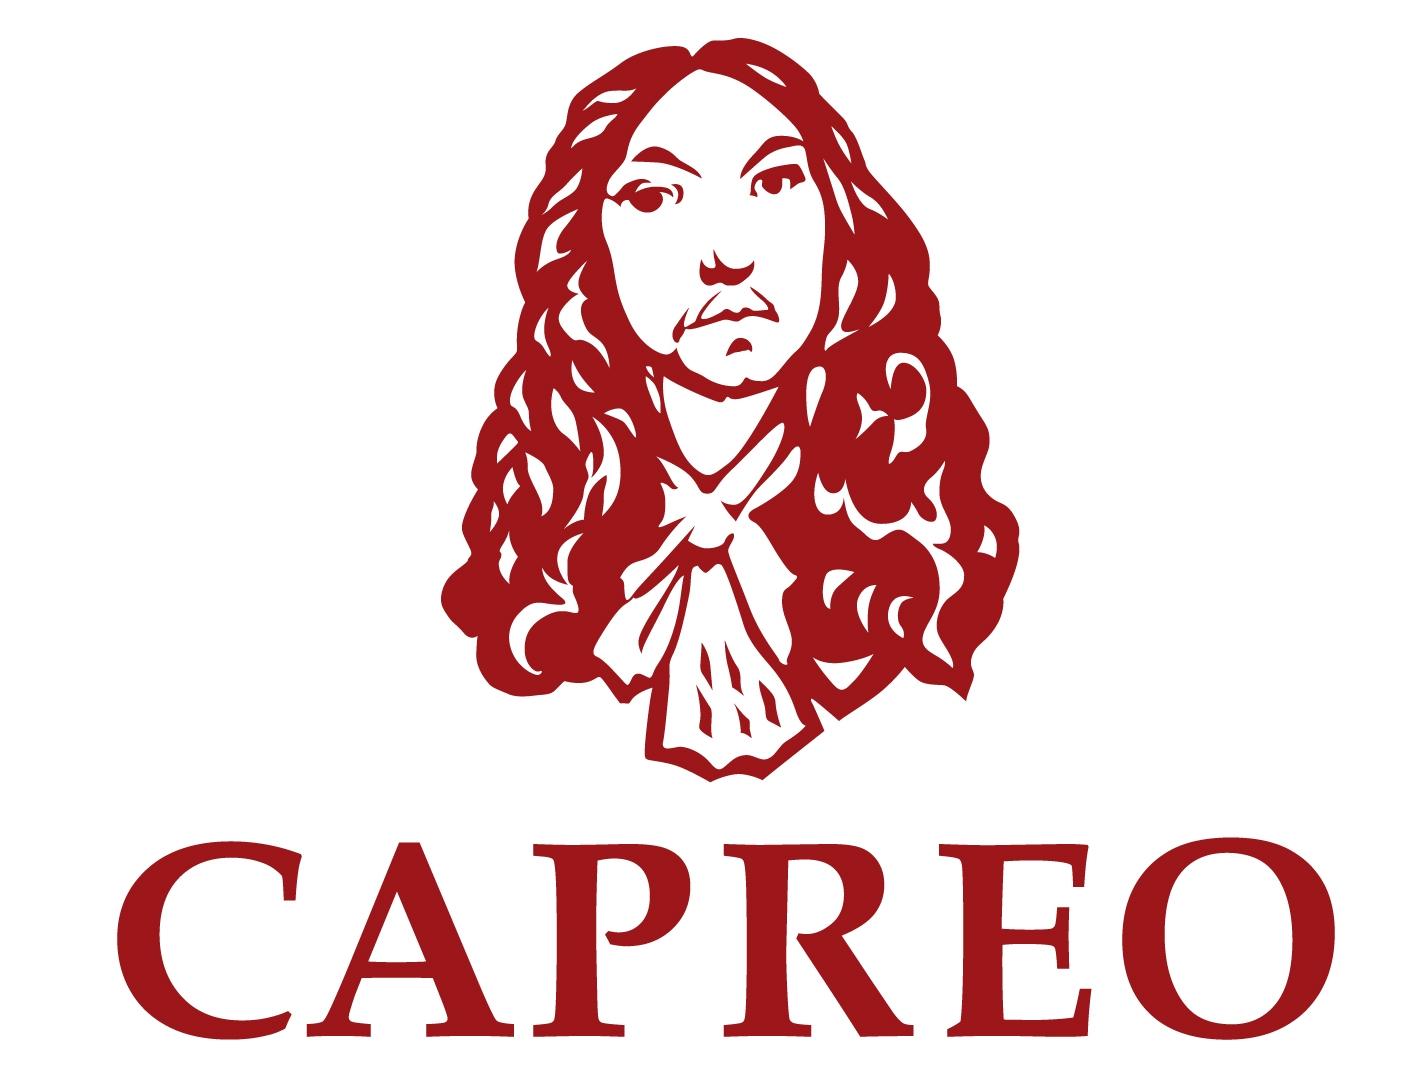 CAPREO